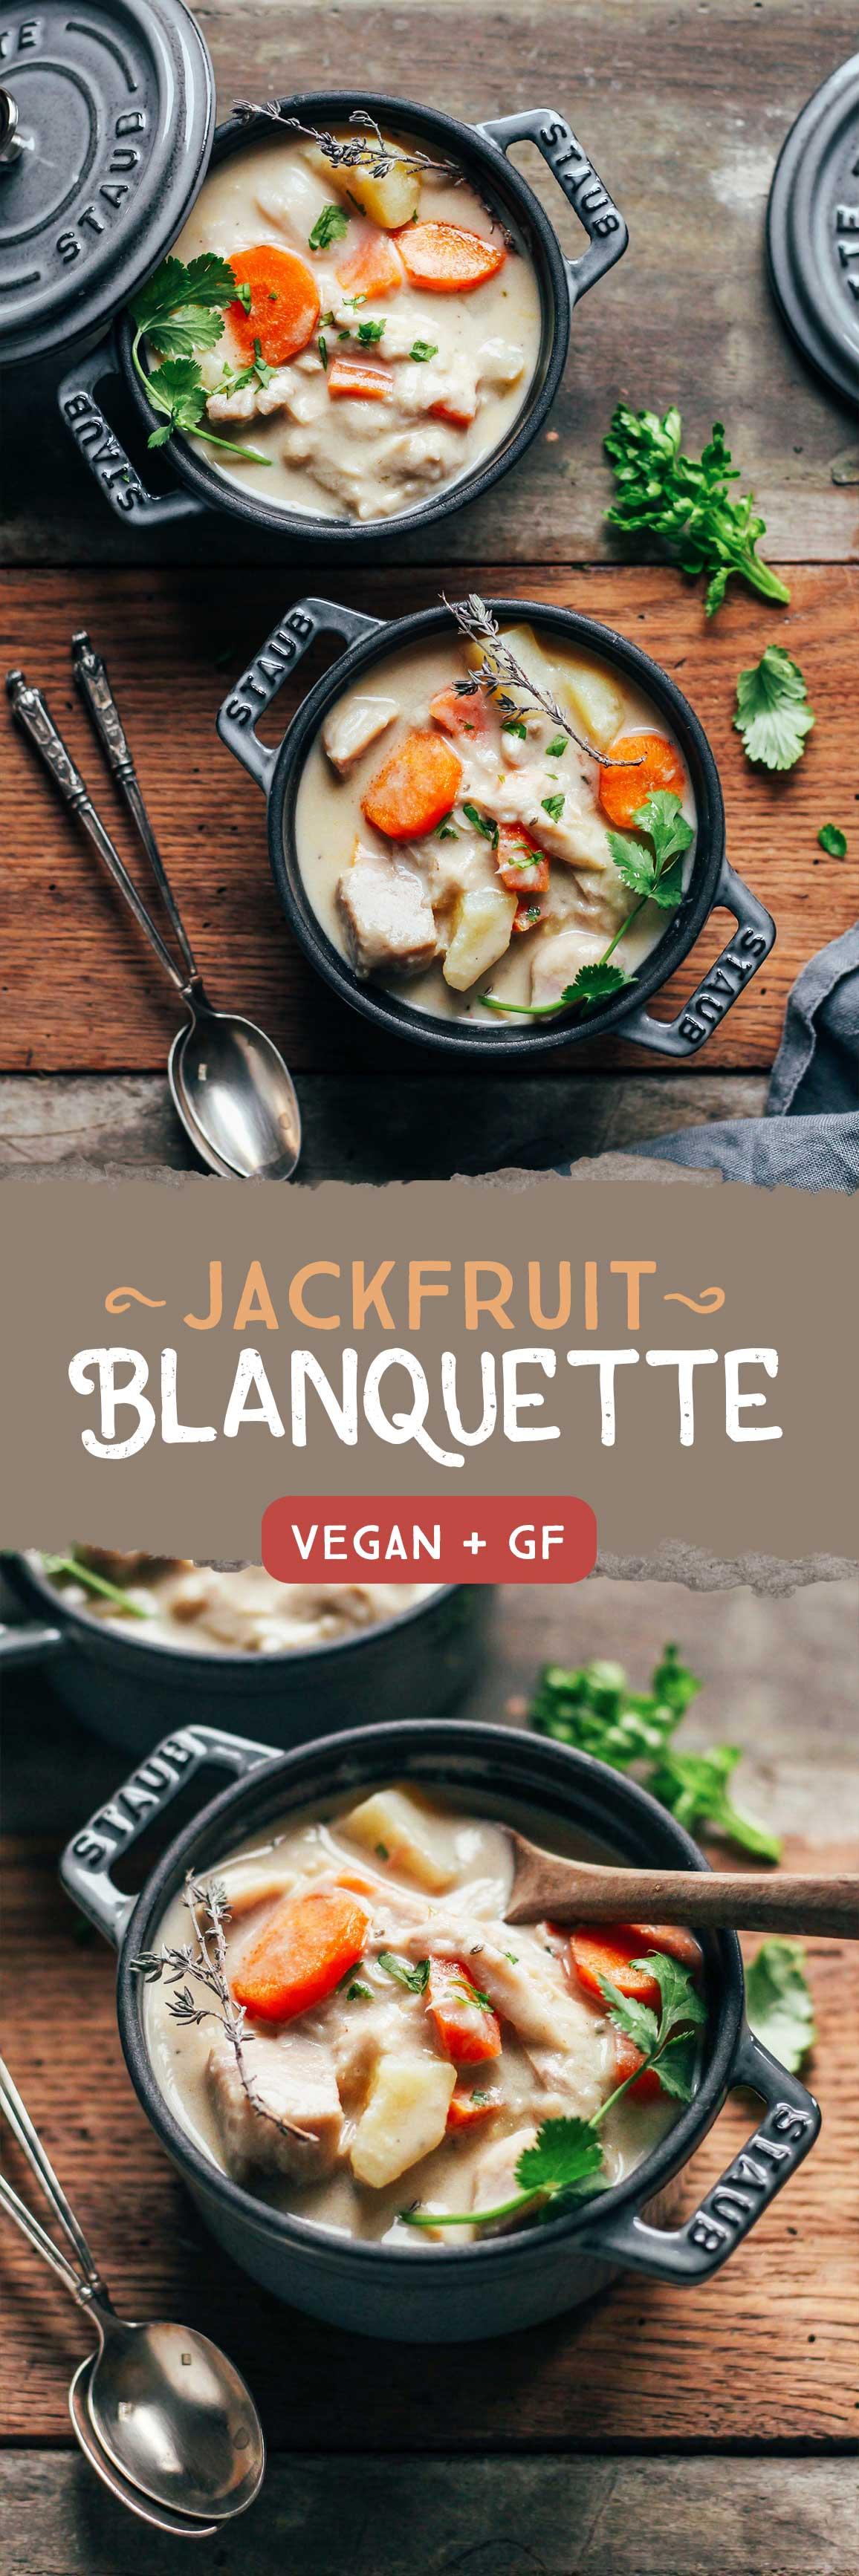 Jackfruit Blanquette